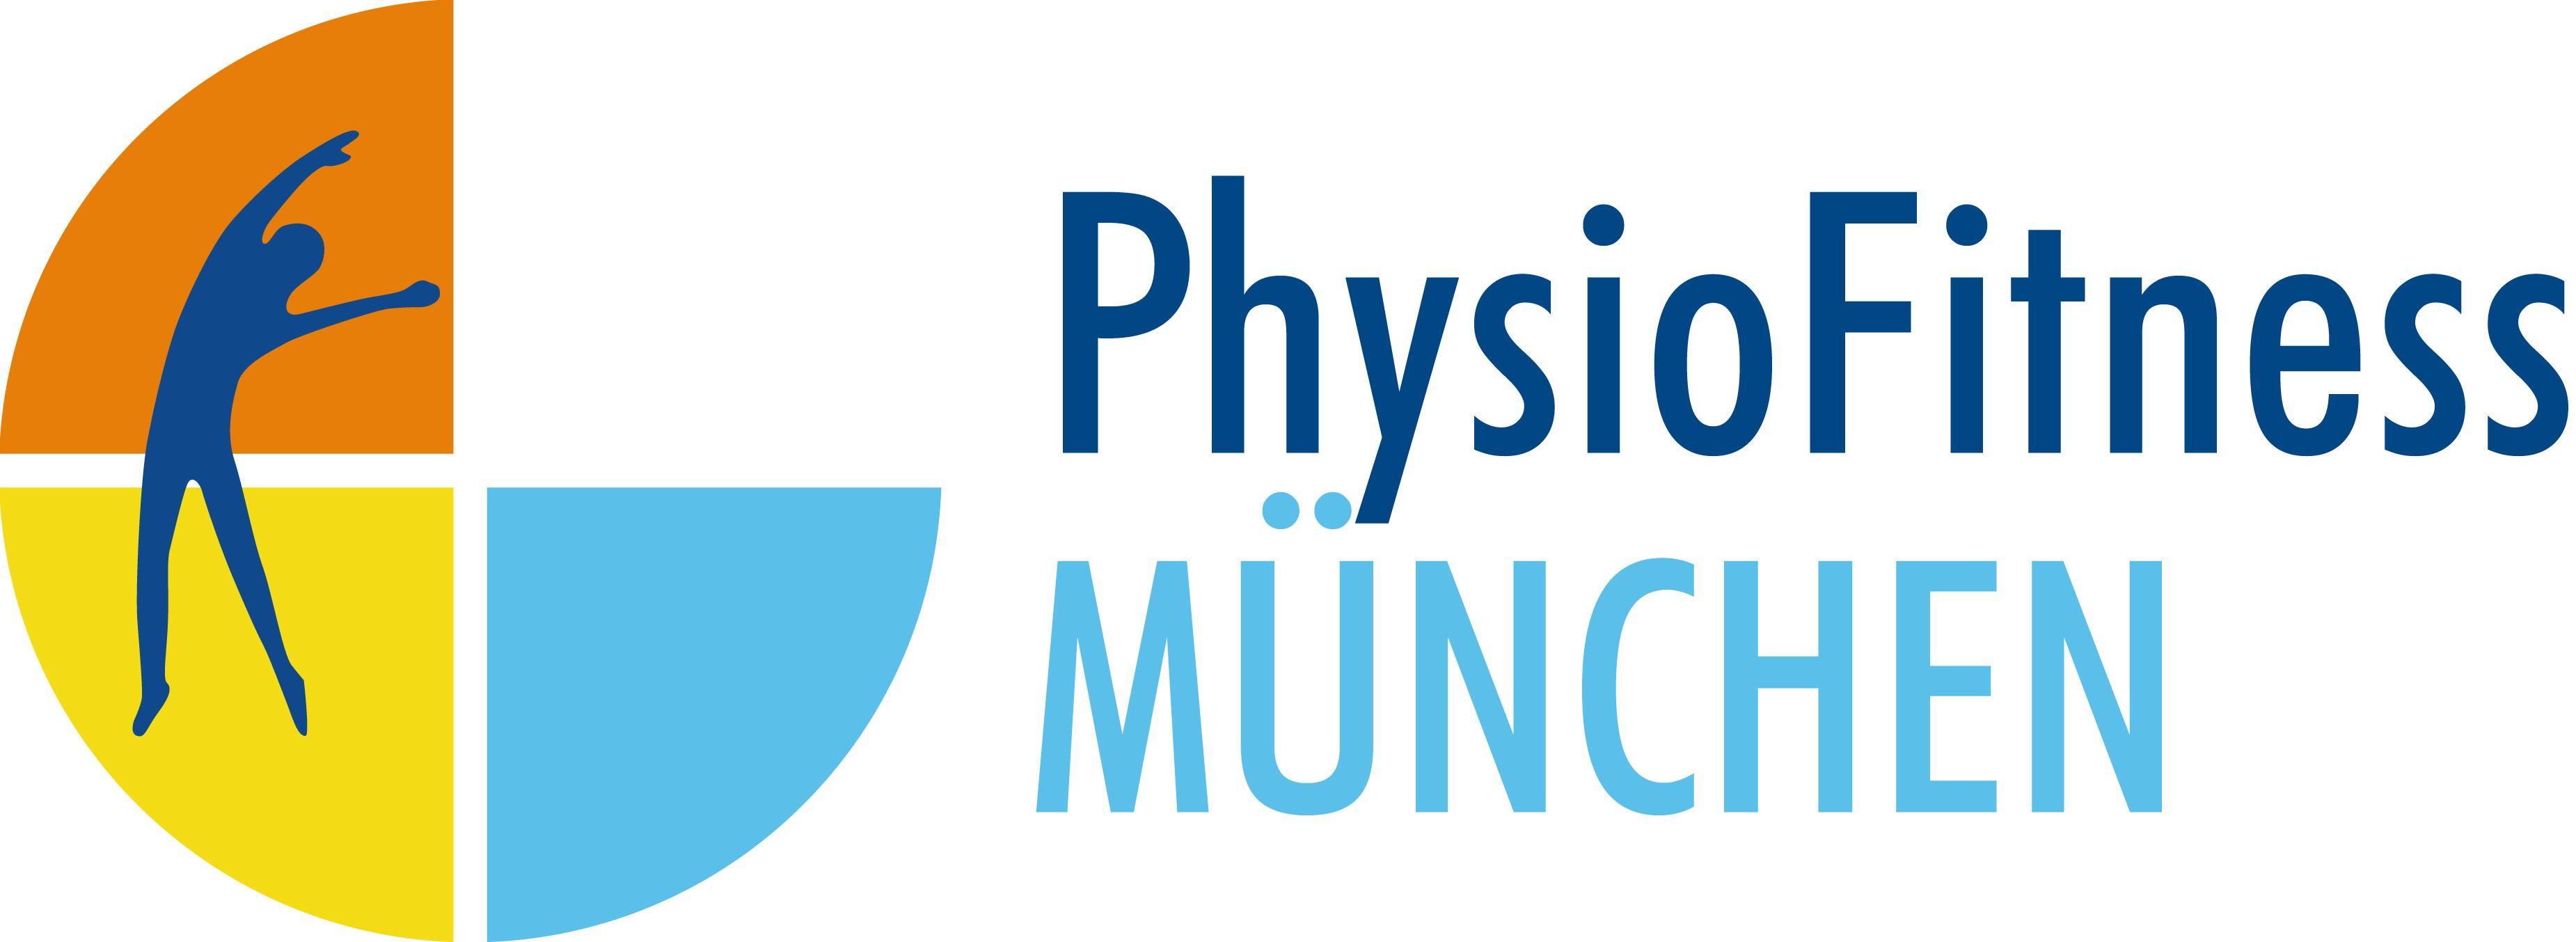 المركزالصحي والرياضي الأول في ميونيخ بألمانيـا Herzlich Willkommen im PhysioFitness München Physiofitness-muenchen-logo-rgb-96dpi